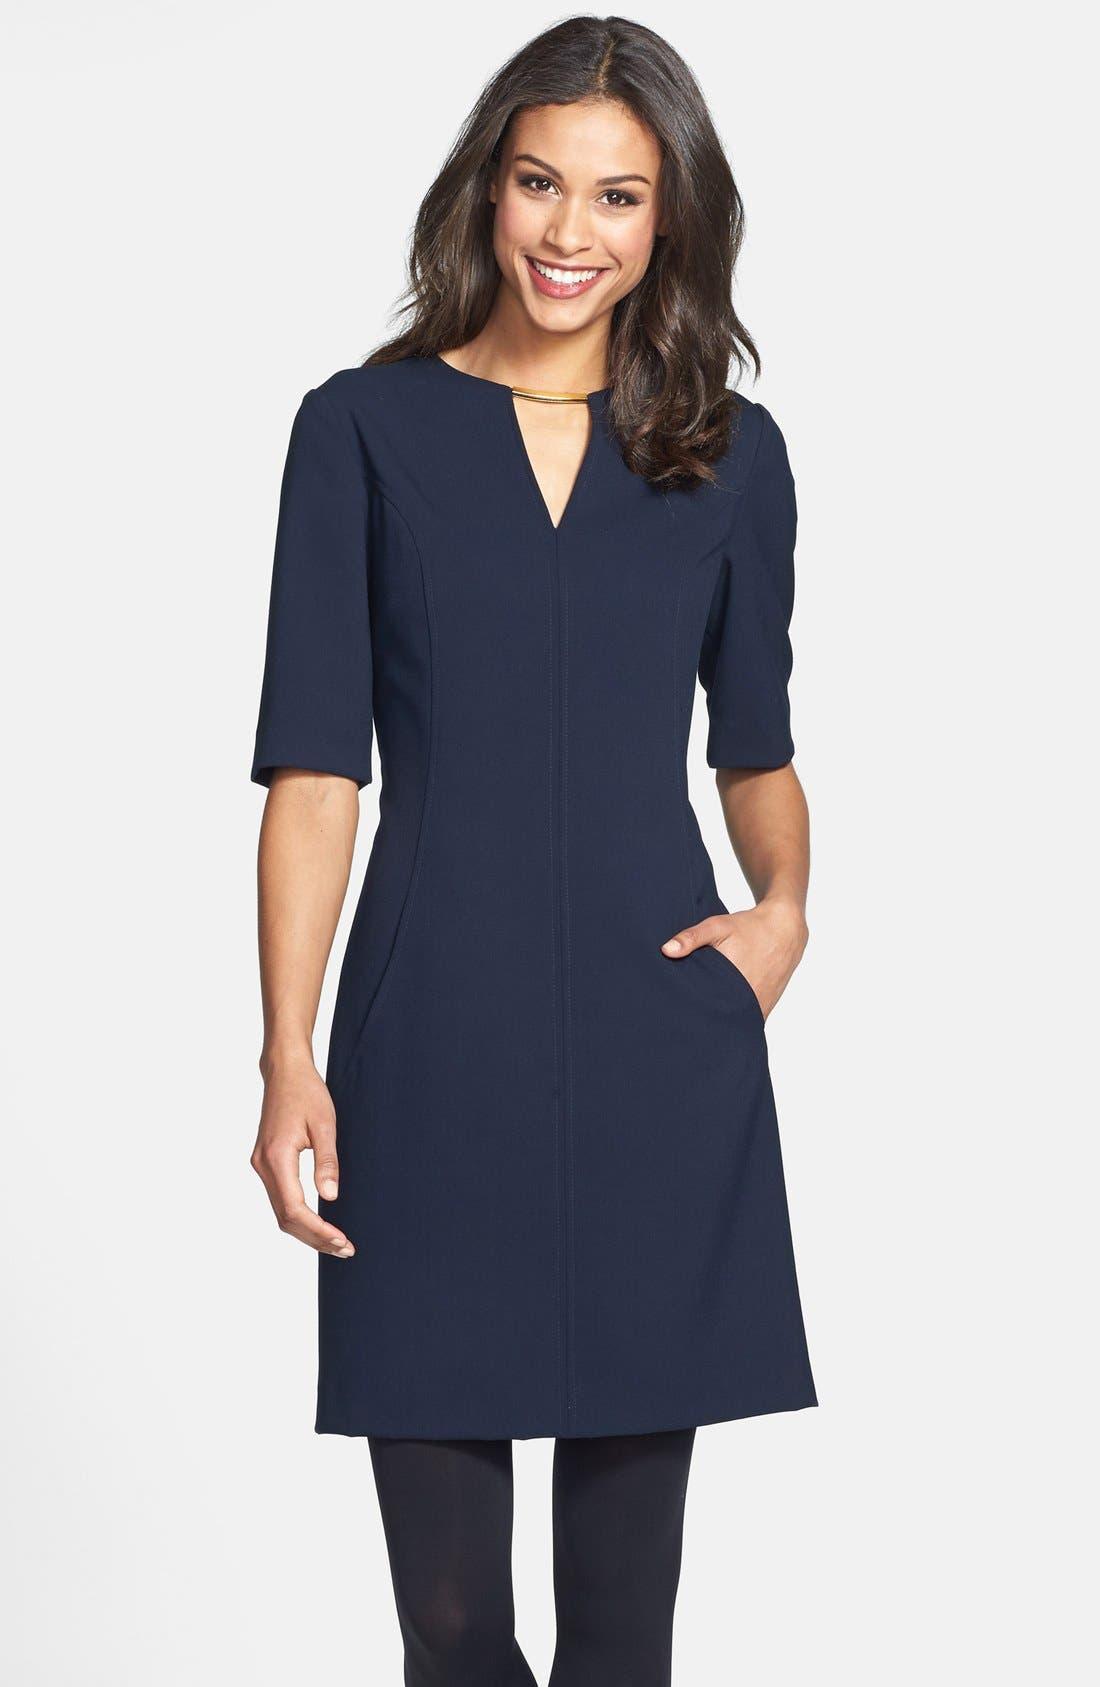 Alternate Image 1 Selected - Tahari V-Neck Shift Dress (Regular & Petite) (Online Only)